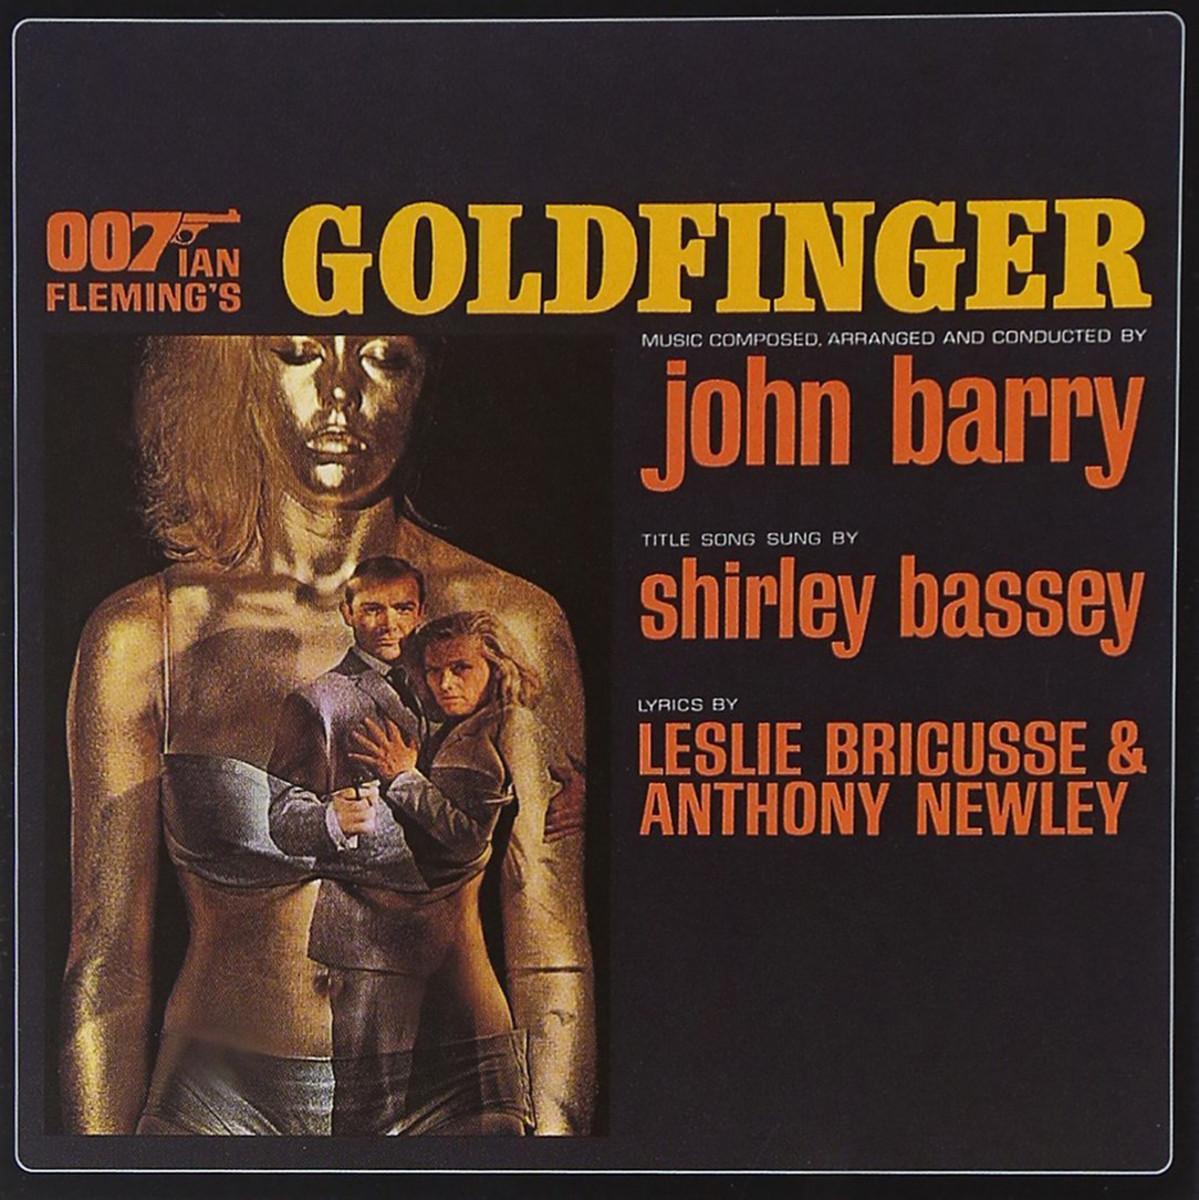 Goldfinger Soundtrack